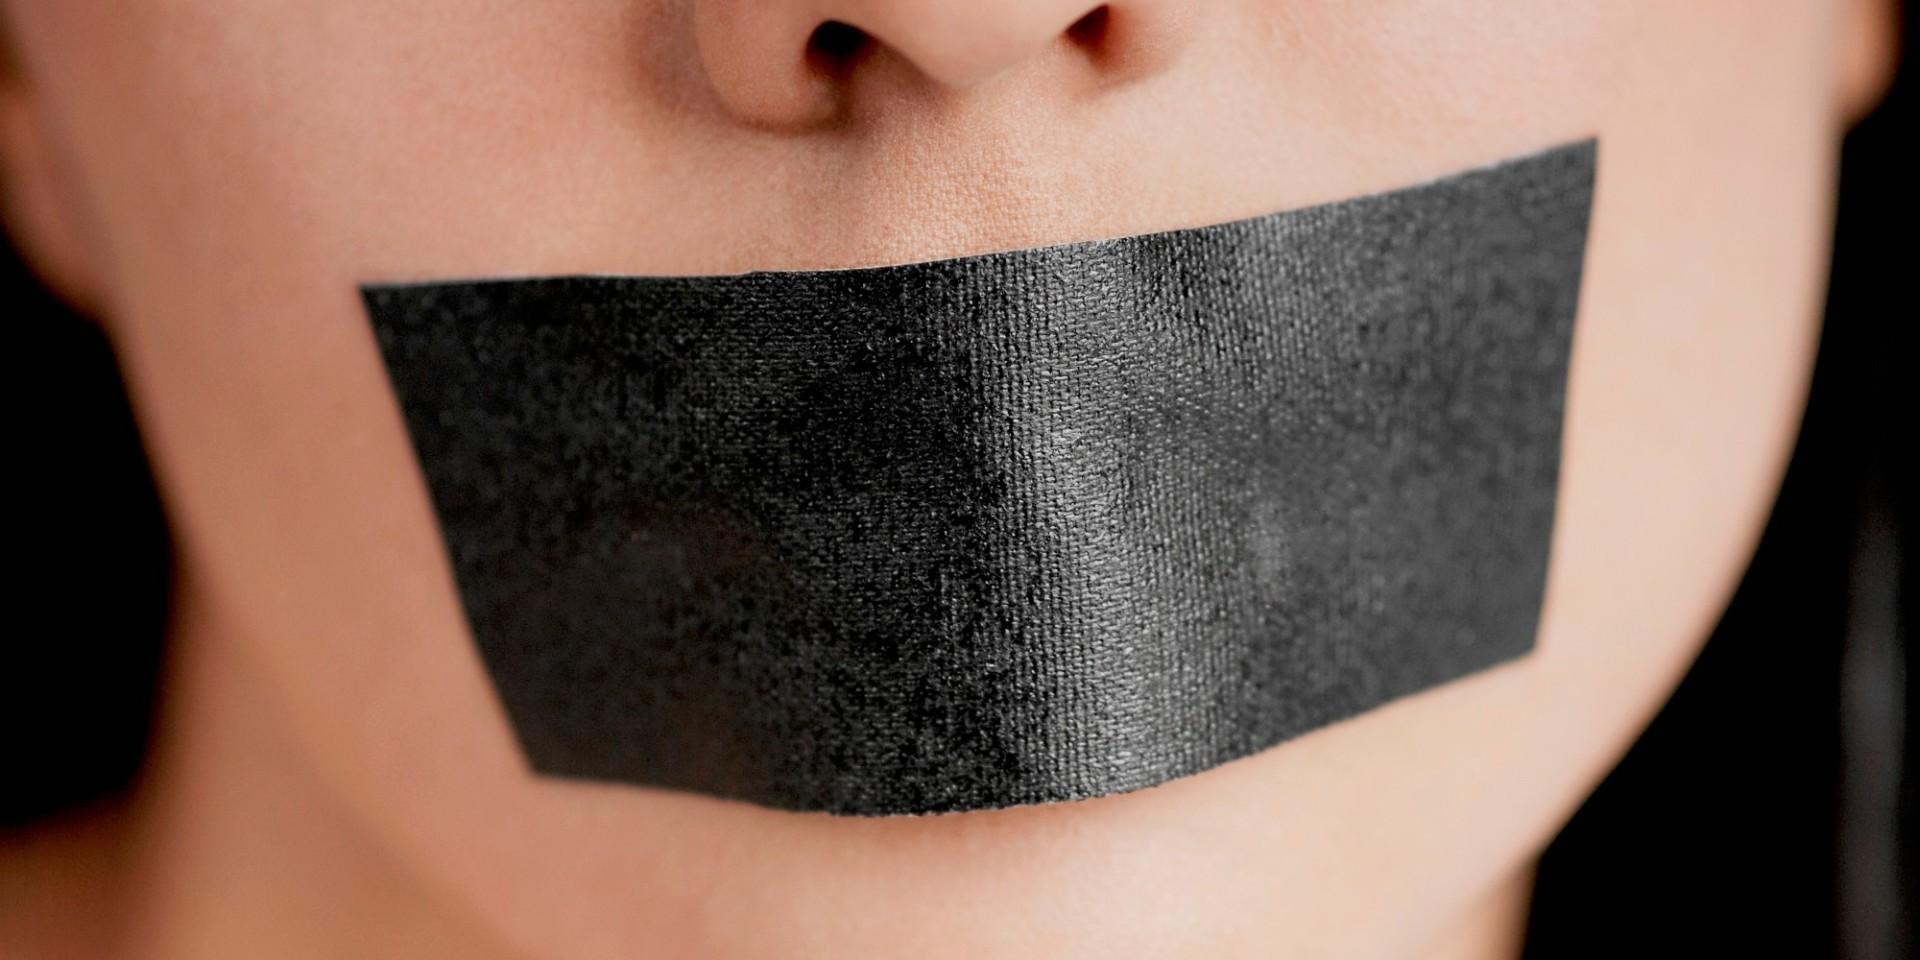 Роскомнадзор предупредил портал «Судебные решения» за публикацию судебного решения - 1